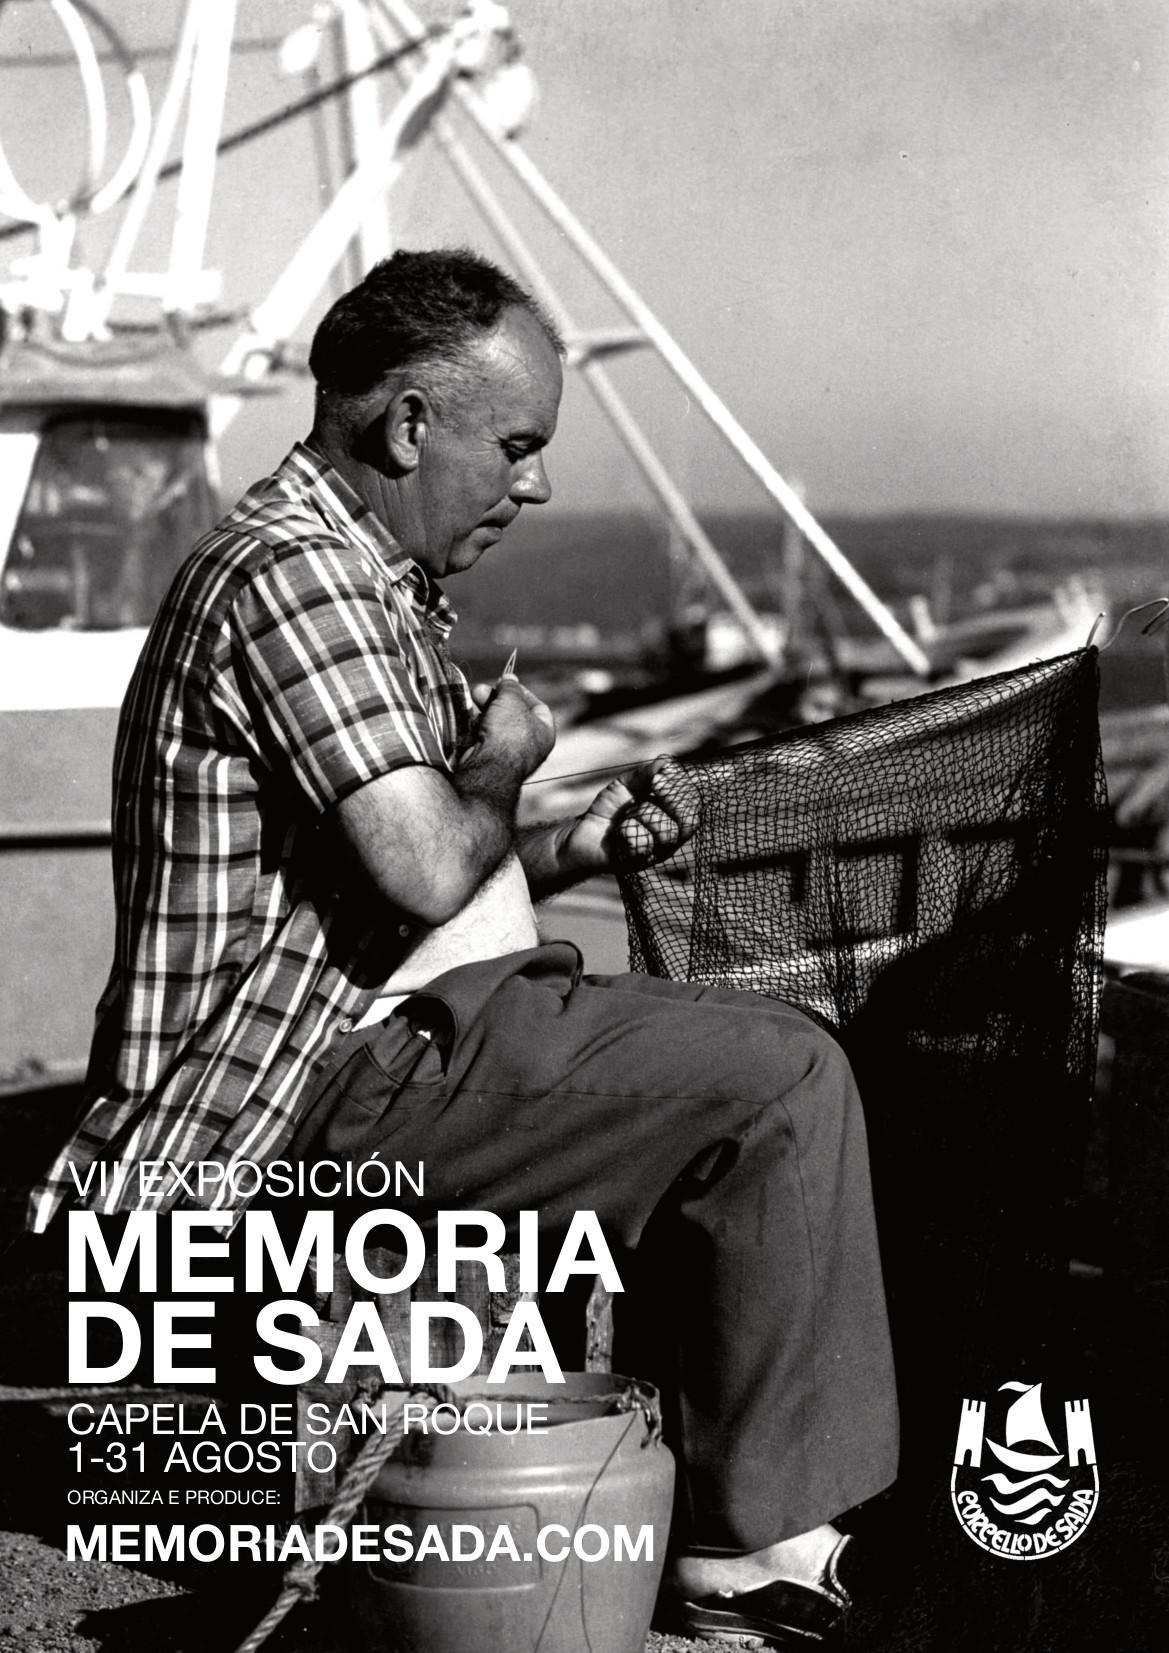 Exposición Memoria de Sada 2019